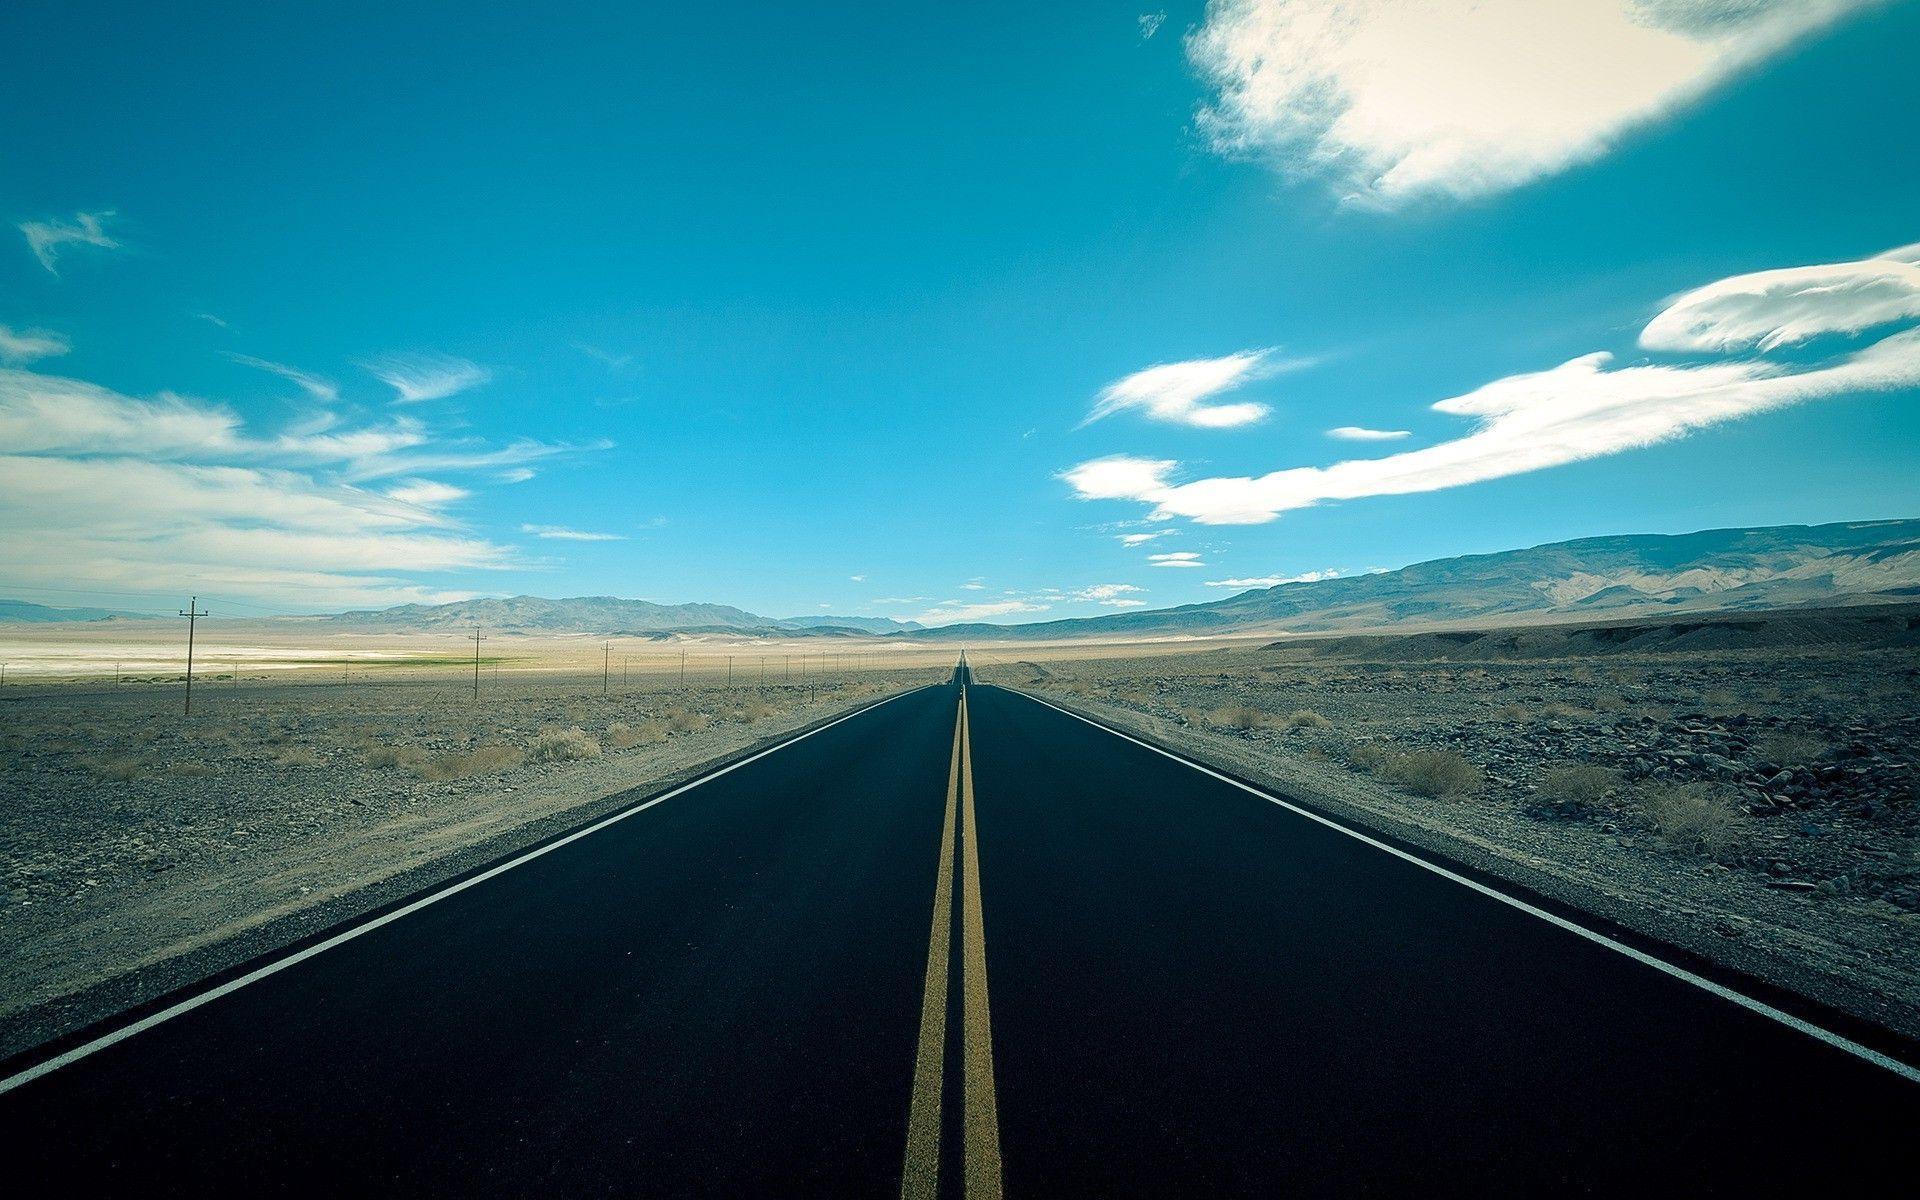 Highway Wallpapers